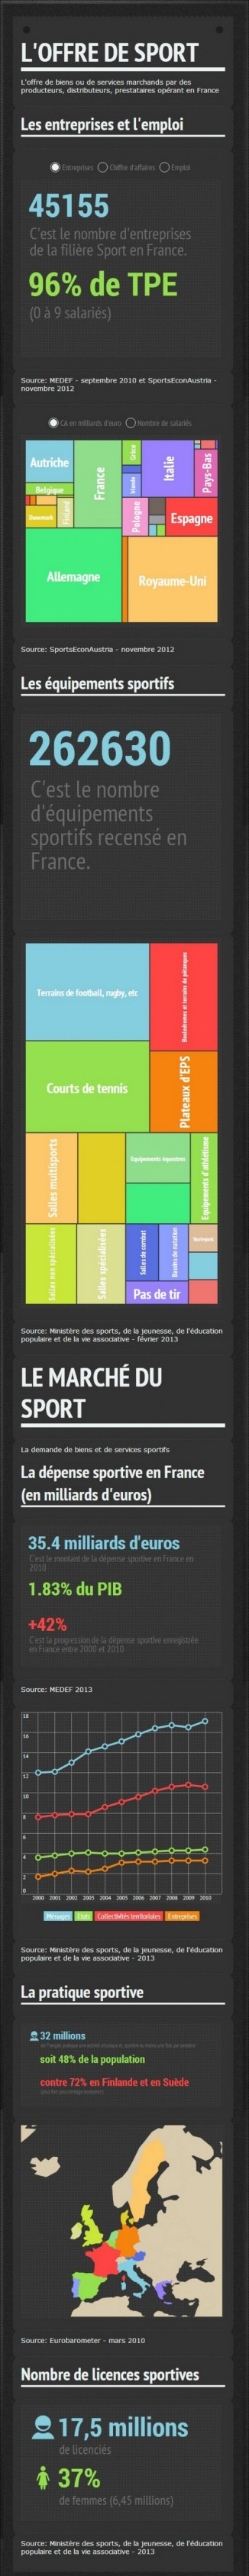 La dimension économique du sport en France